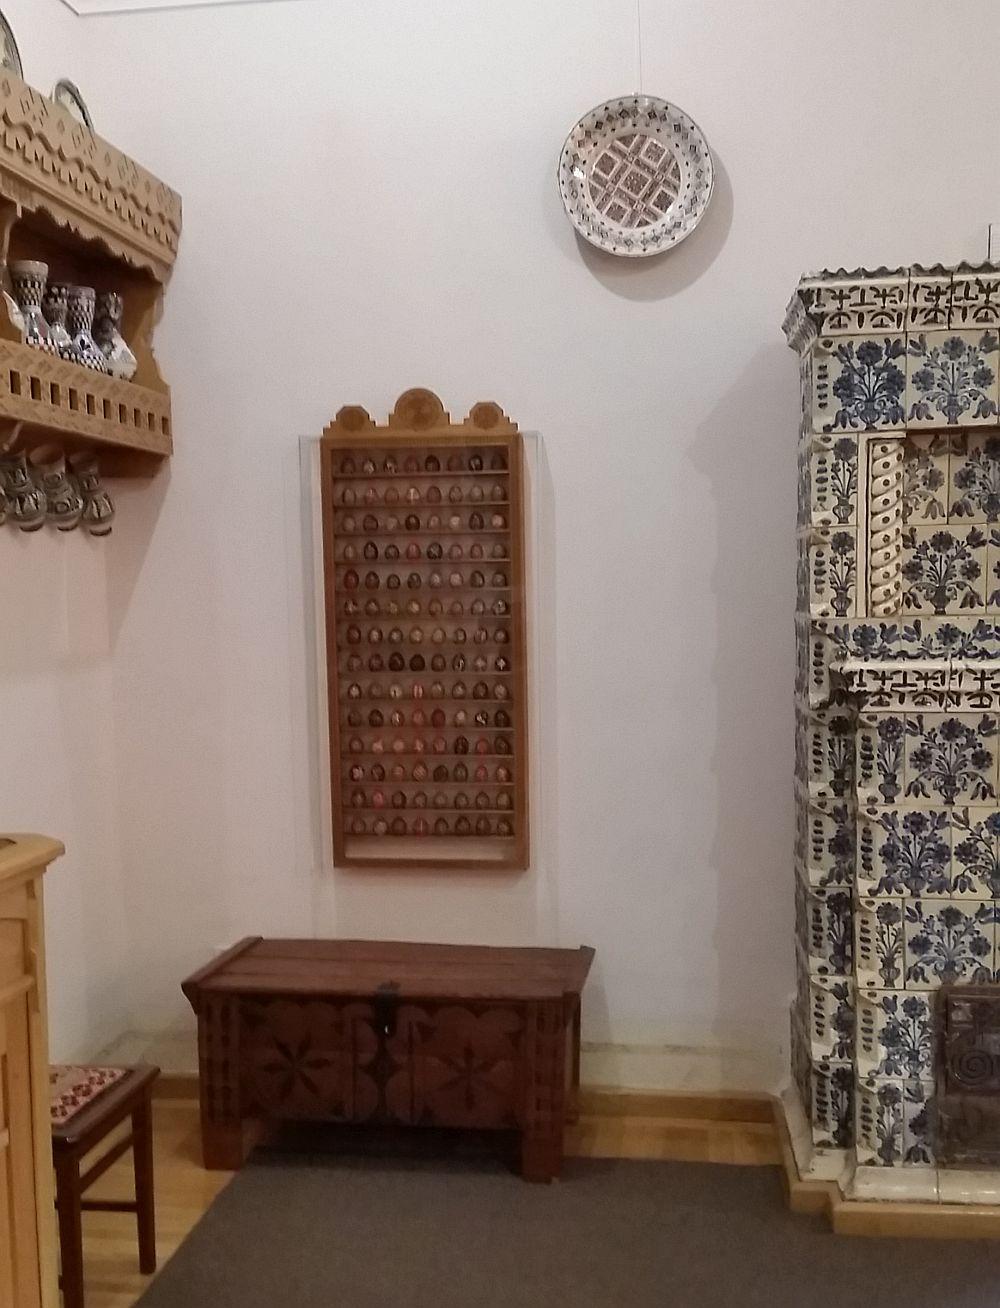 Colecție de ouă încondeiate protejate într-o casetă de lemn cu sticlă, fixată pe perete.